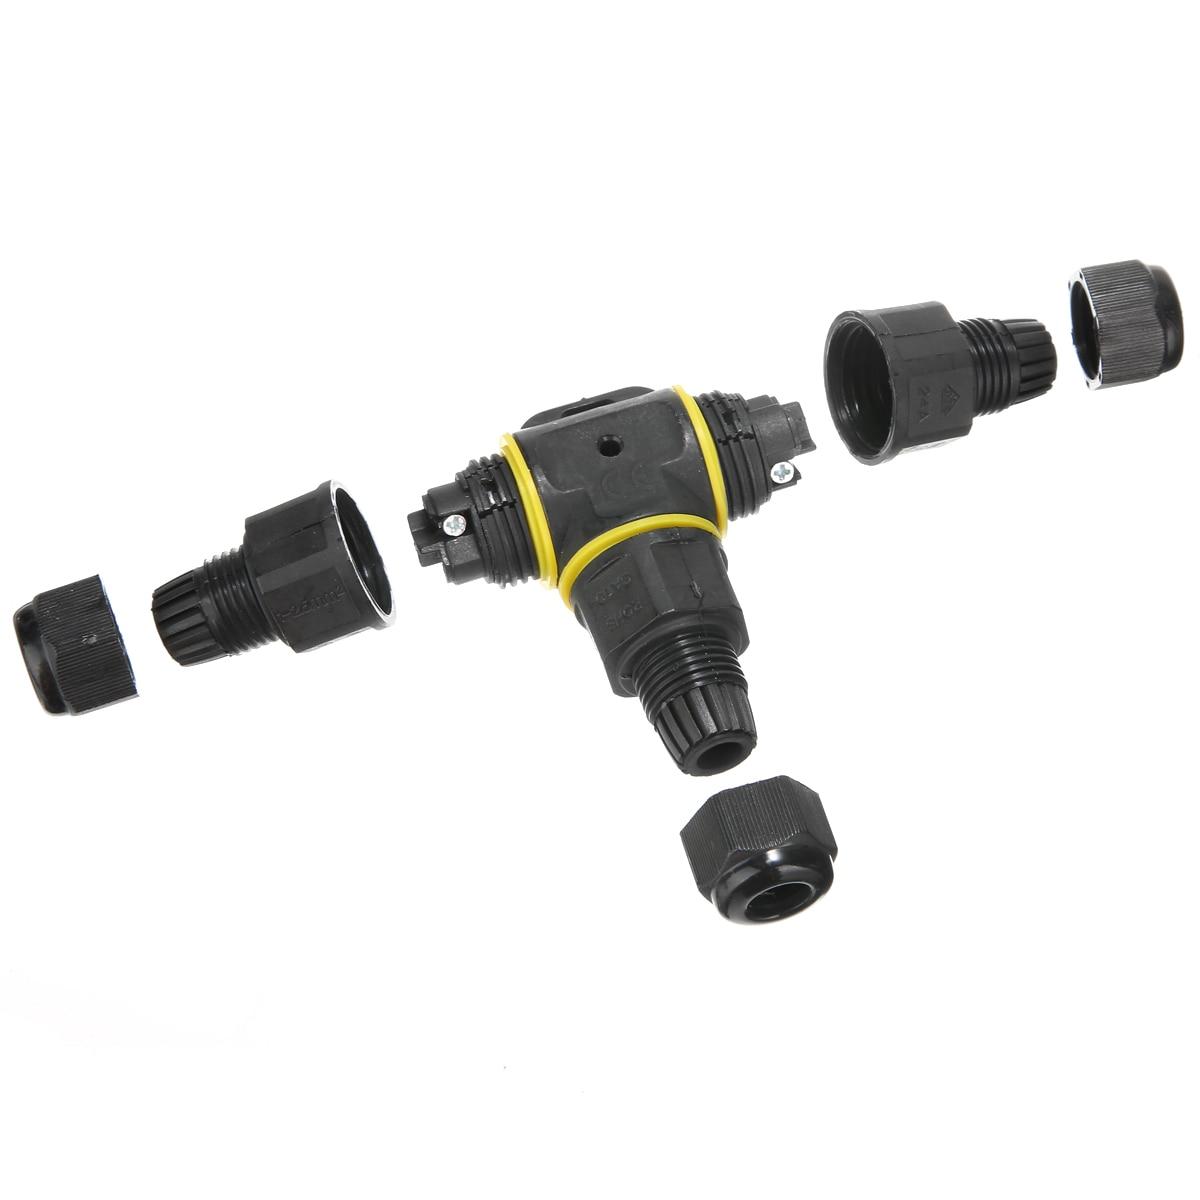 3 way IP68 waterproof cable connector splitter electrical outdoor power lighting